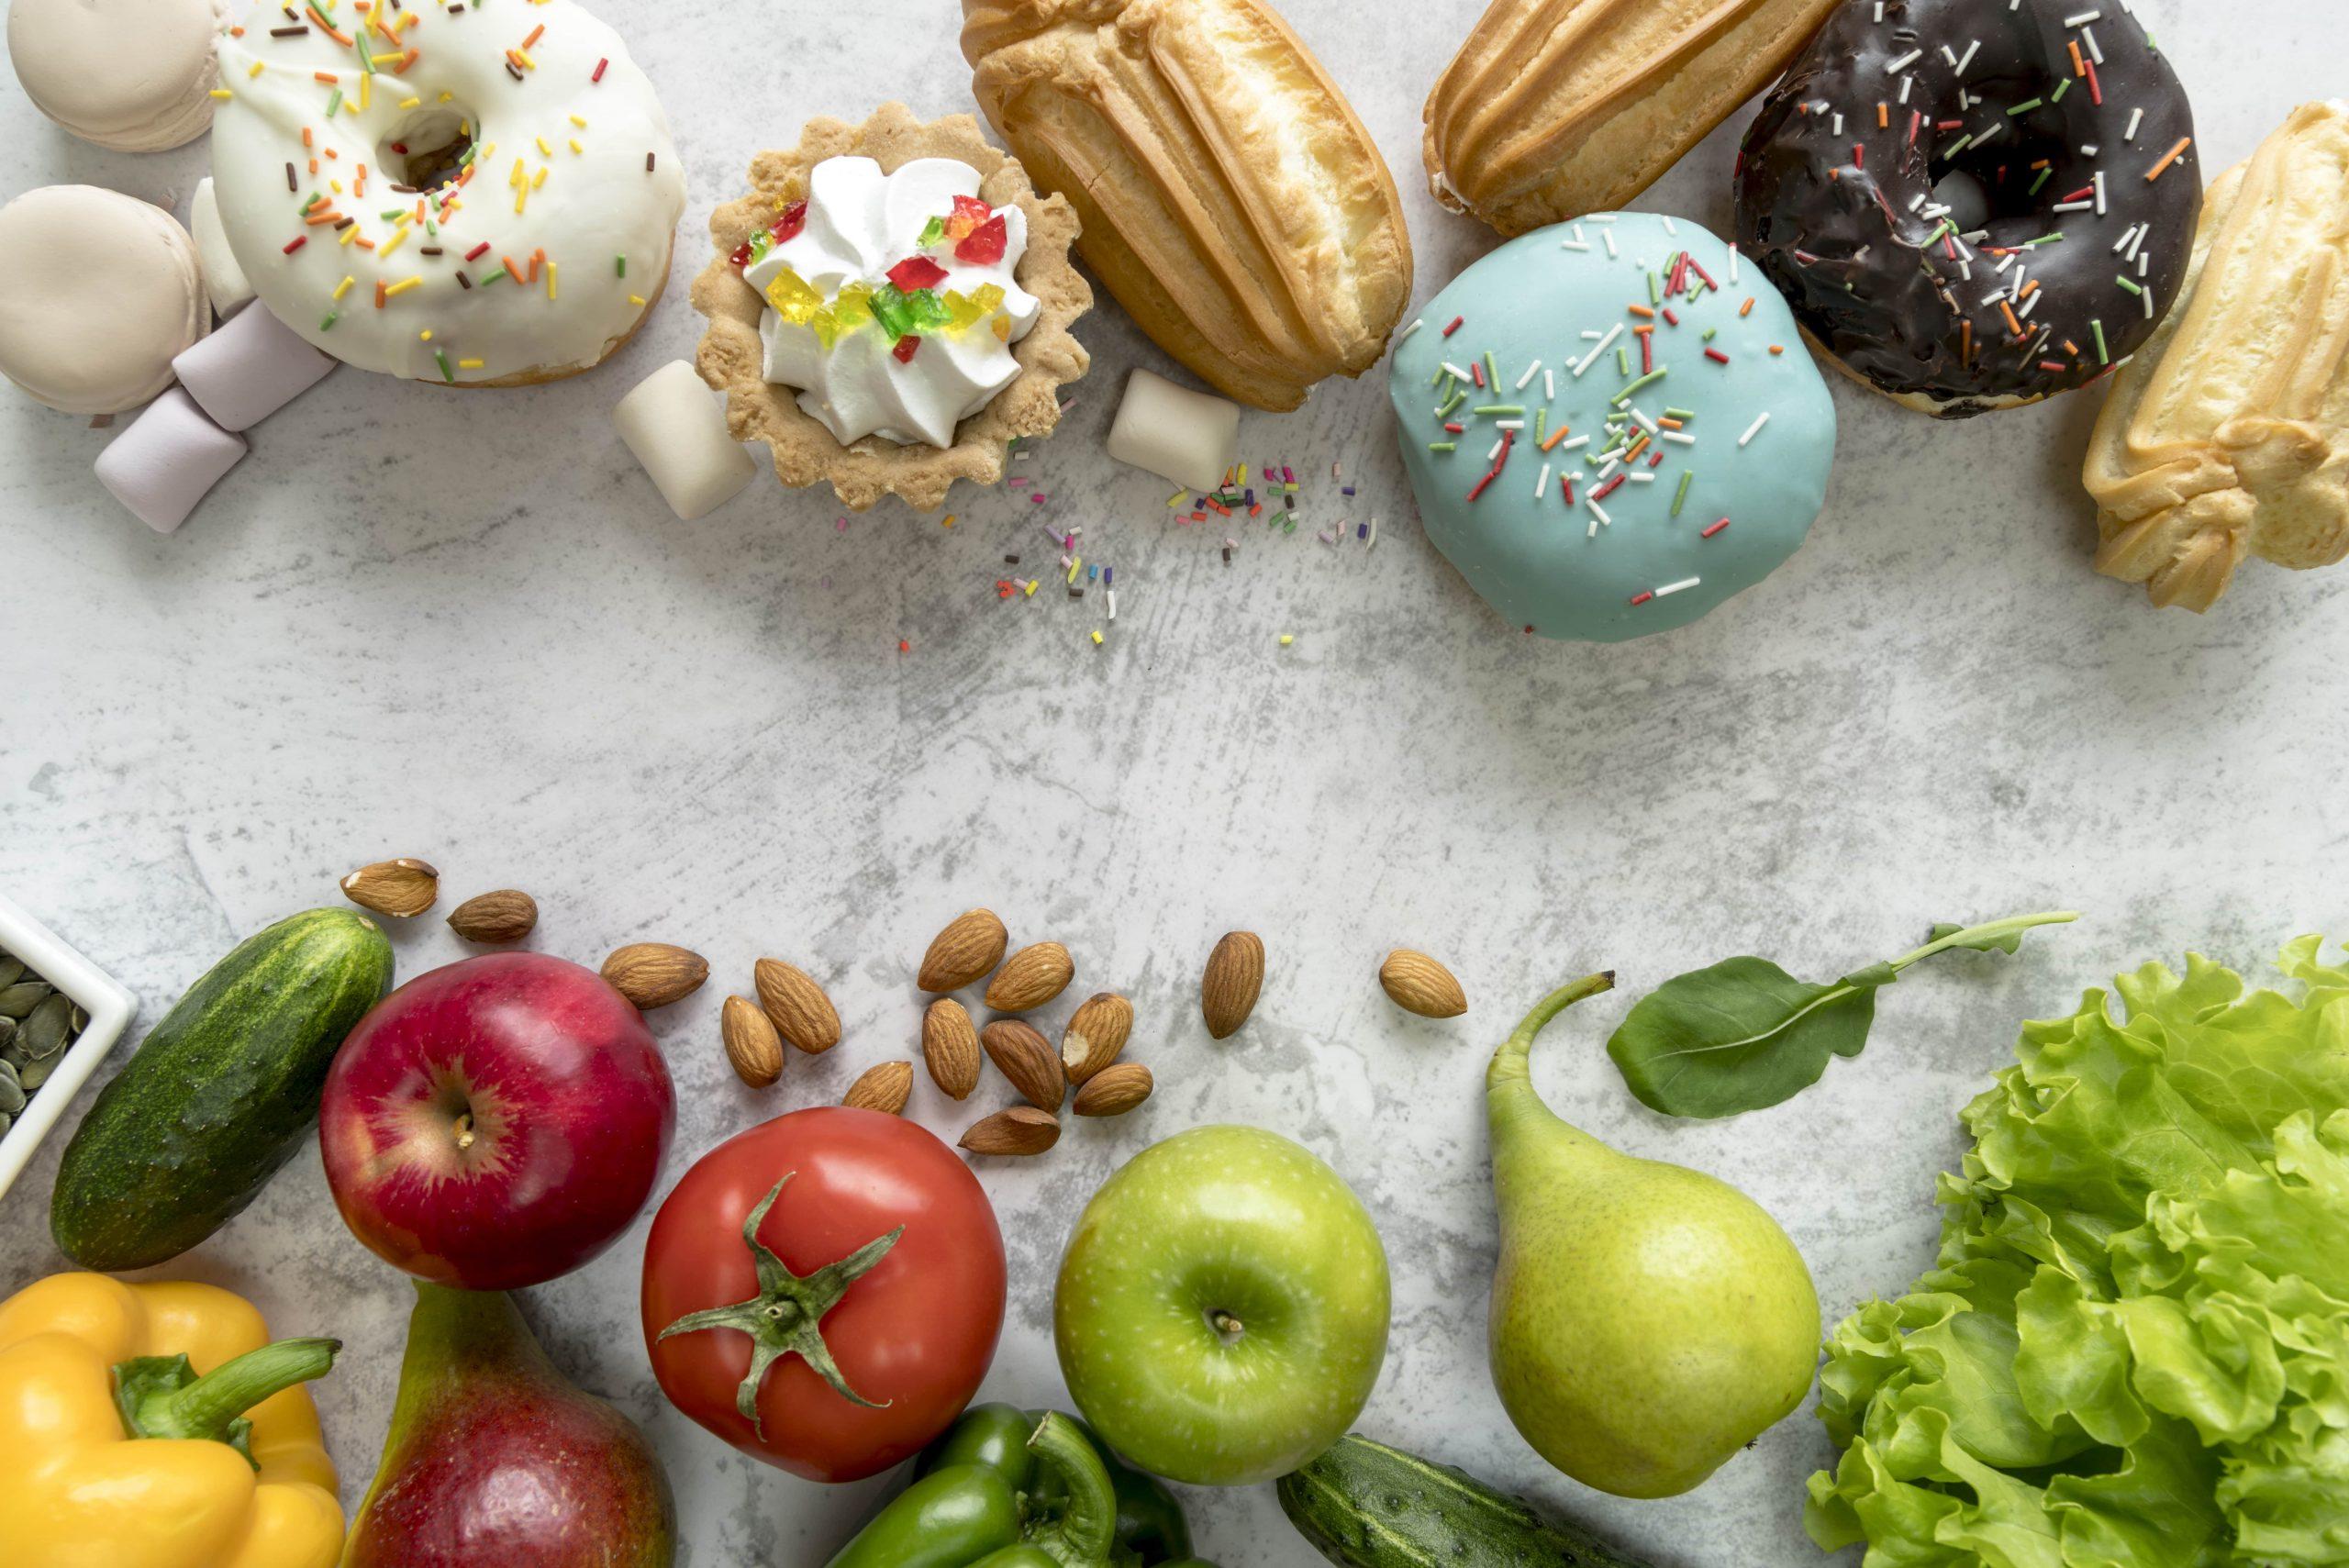 Entre las causas de la obesidad infantil se encuentran el sedentarismo y la mala alimentación